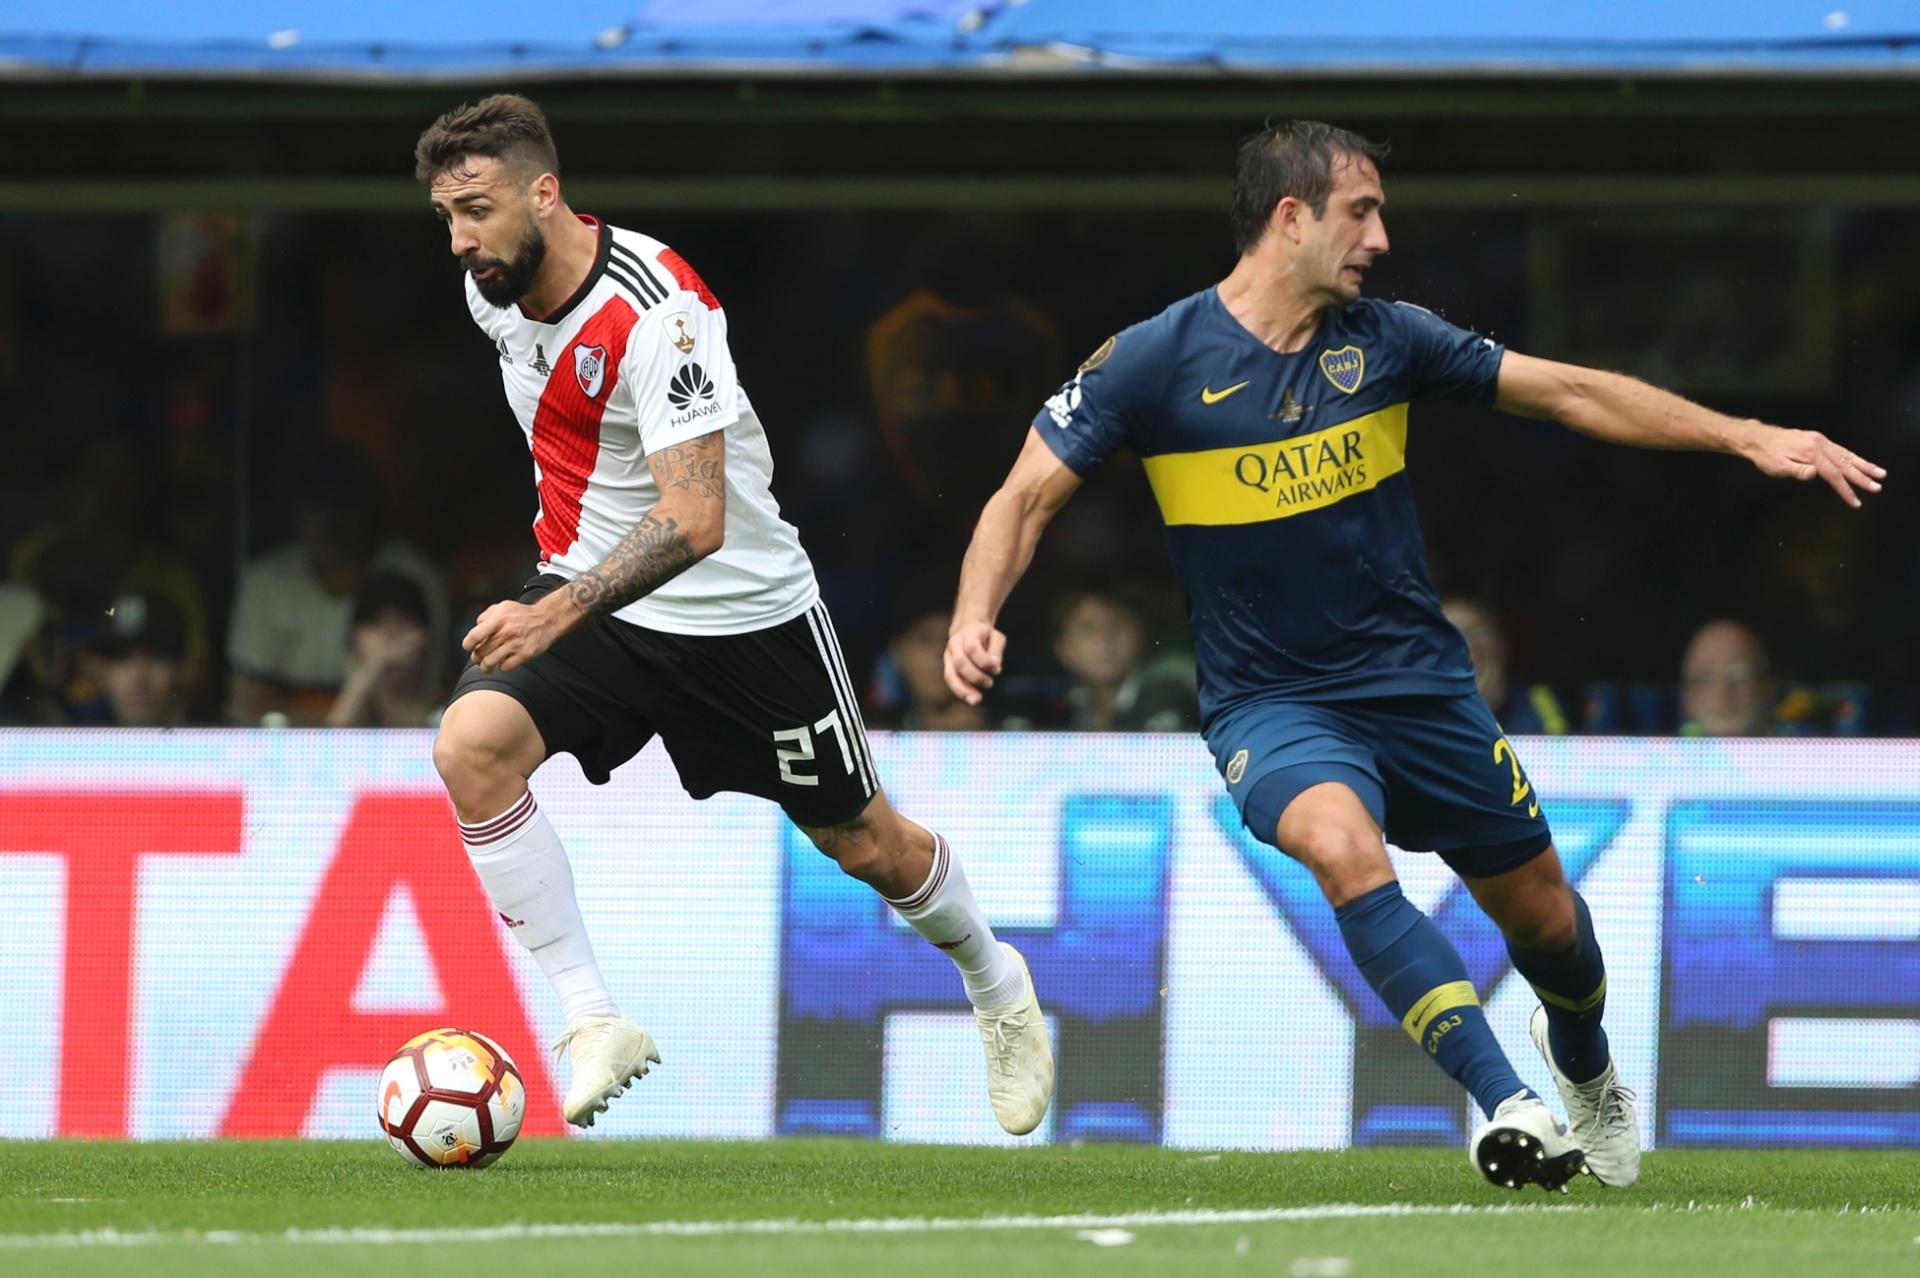 5c78ea21c9 Assista aos gols de Boca Juniors x River Plate - 11 11 2018 - UOL Esporte